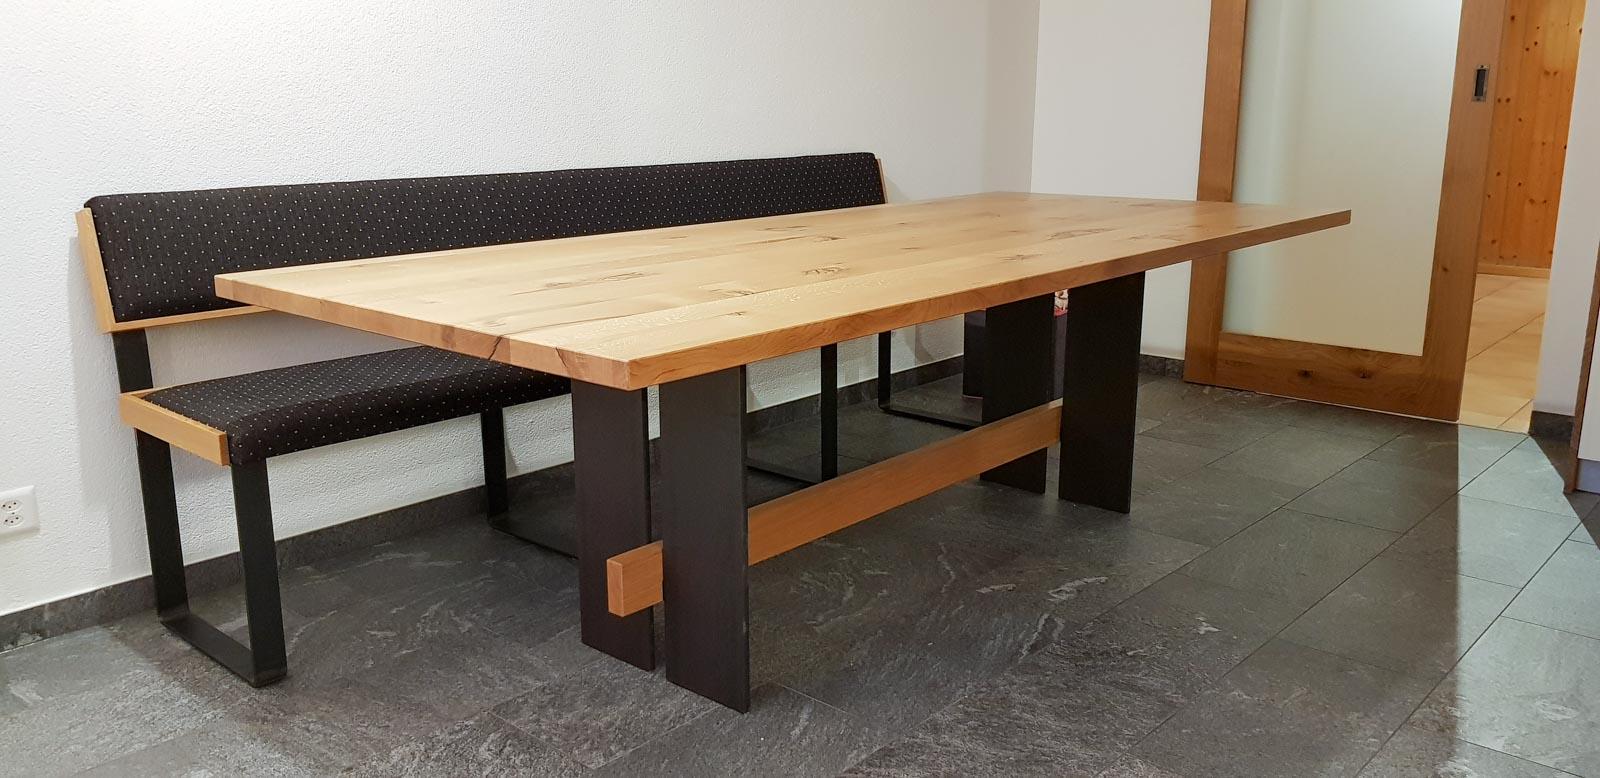 Wooddesign_Tisch_Sitsbank mit Polster_Eische massiv_Beine innen_Schwarzstahl (11)